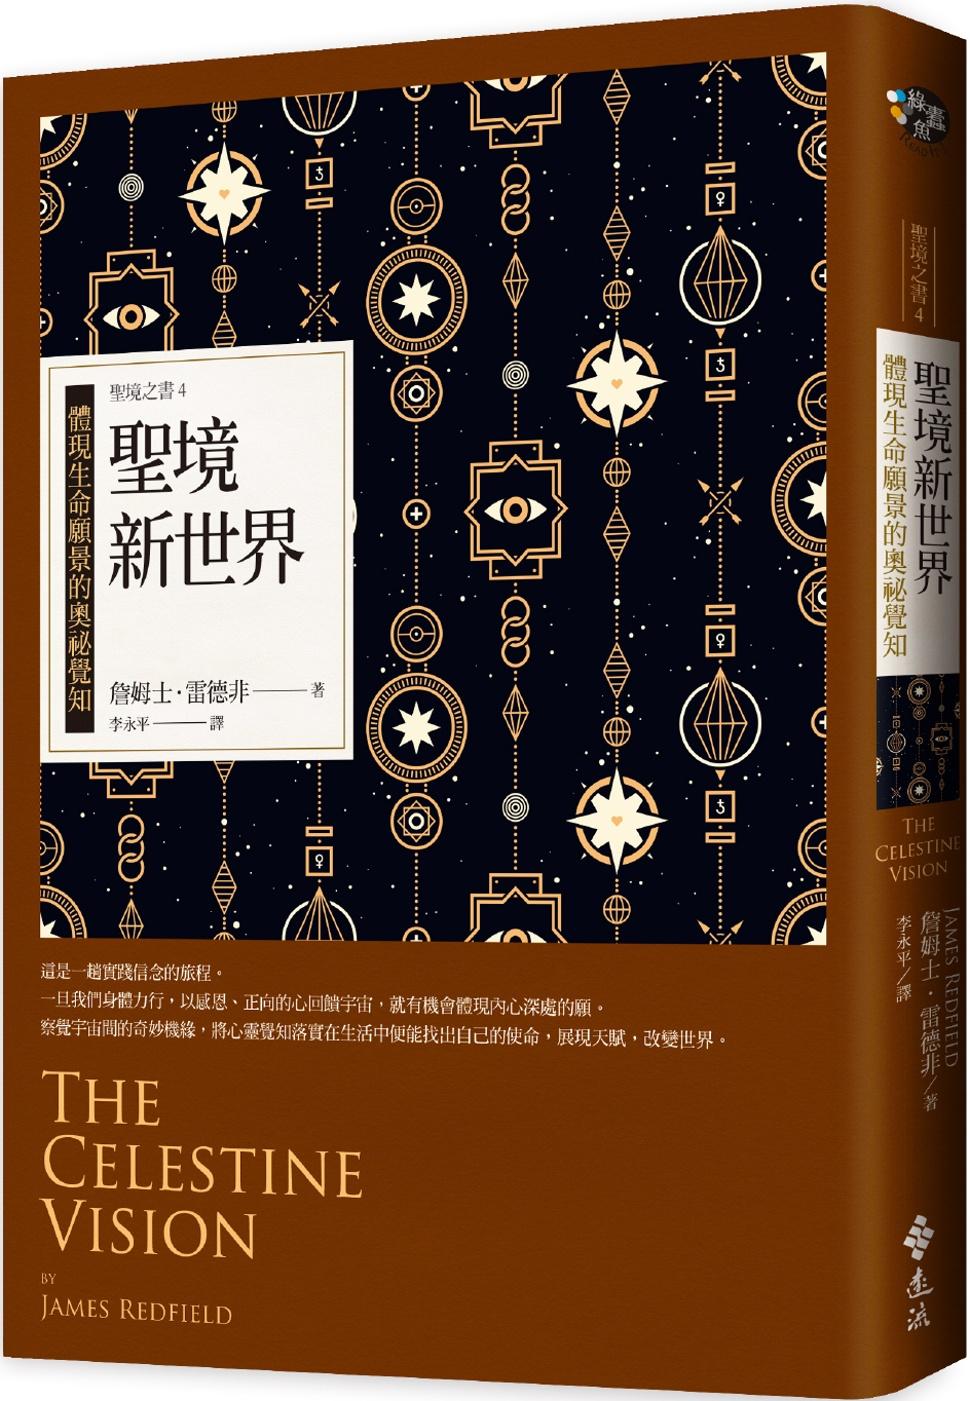 聖境新世界:體現生命願景的奧祕覺知 聖境之書4(經典新裝版)